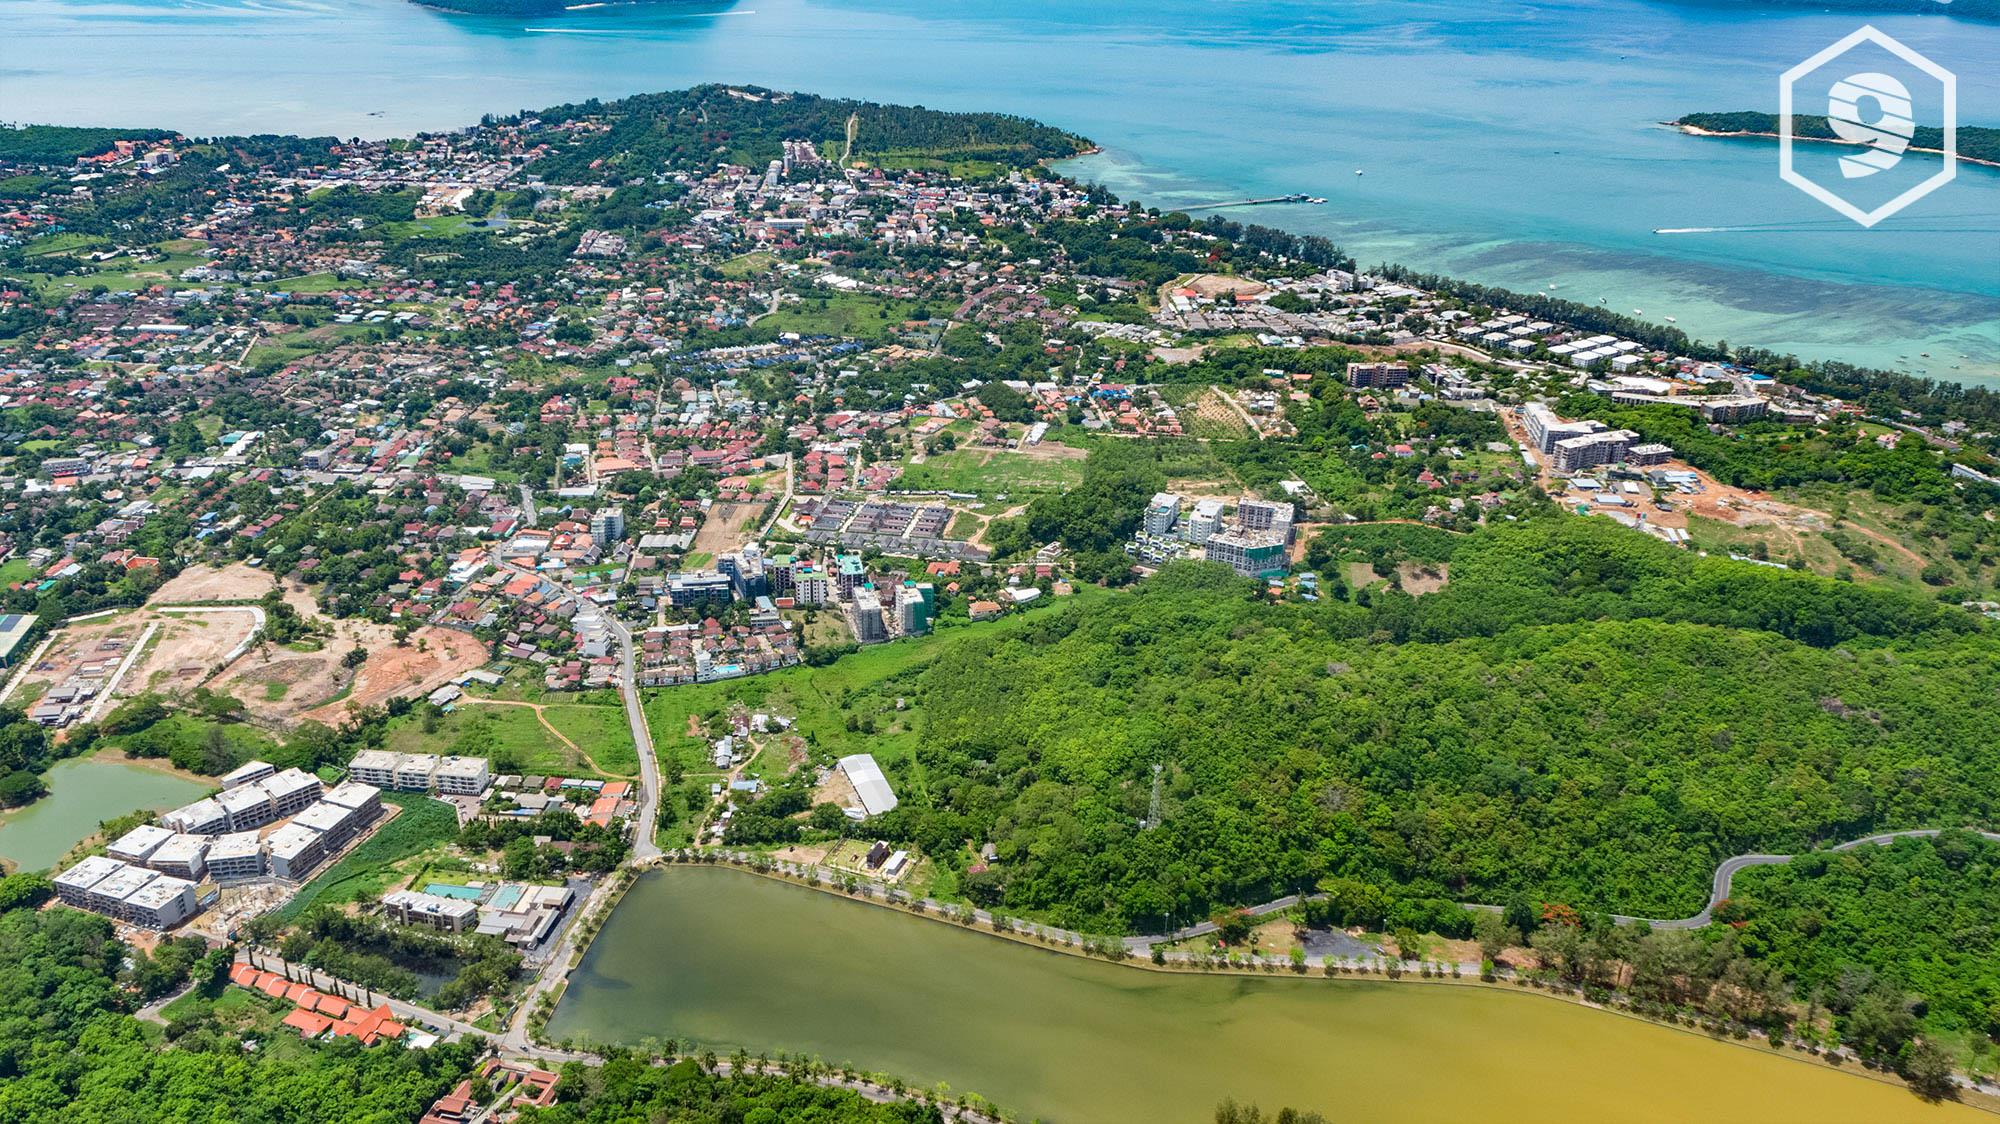 rawai district